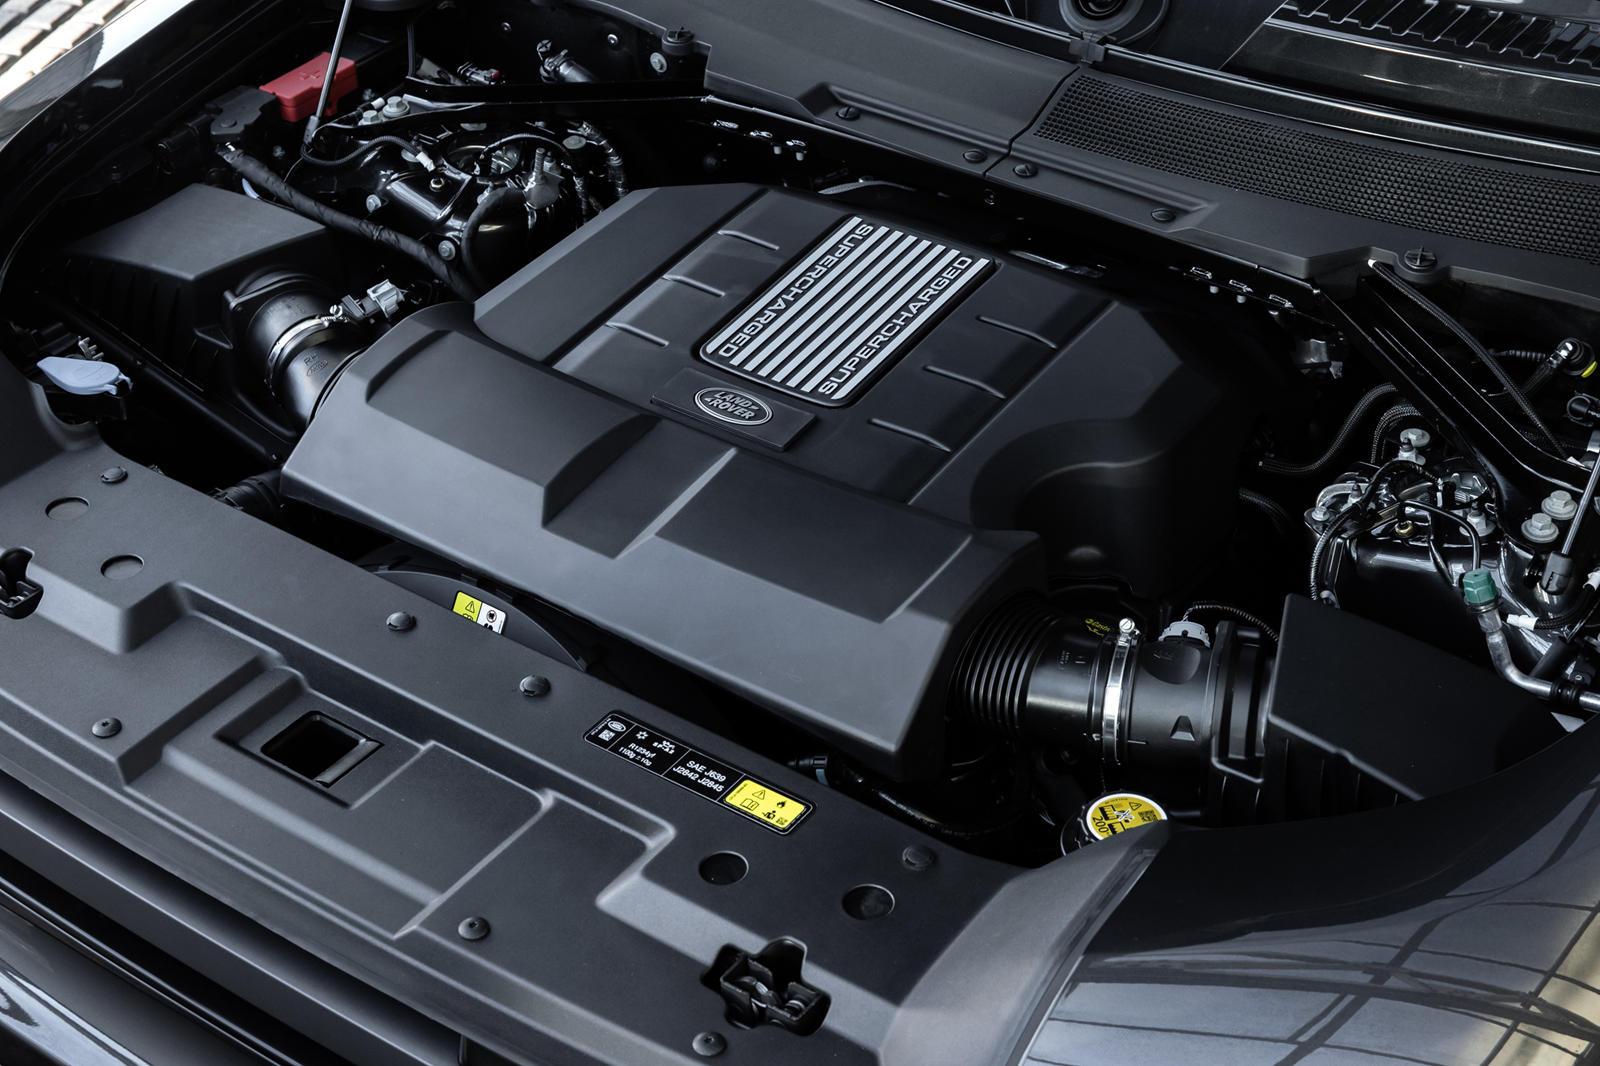 Другие Land Rover под маркой SVR, такие как Range Rover Sport SVR, жертвуют некоторыми из своих внедорожных способностей в пользу более открытого стиля, дополнений из карбона и гораздо более высоких характеристик на дороге. Согласно Motortrend, Defen